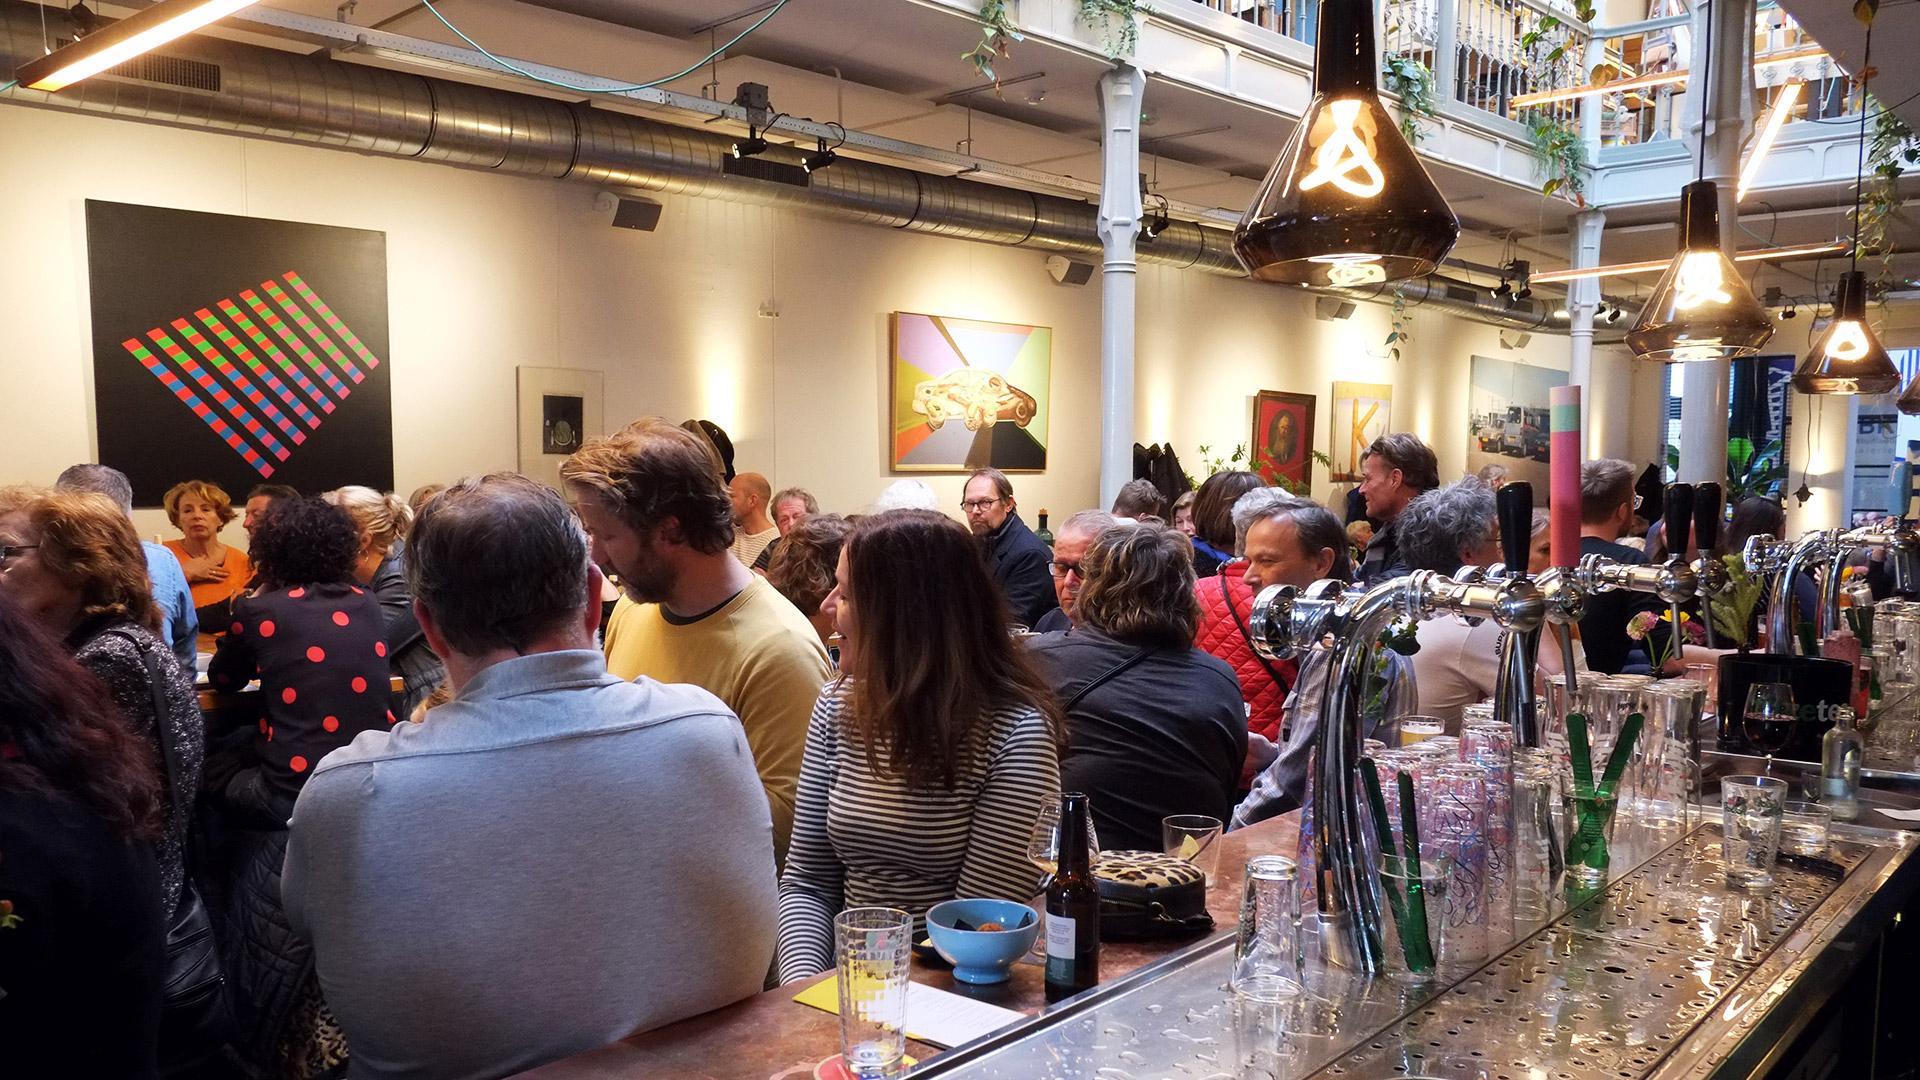 Het Magazijn | Dordrecht onder één dak | Voorstraat 180 | Restaurant | Concept Store | Velvet Music Dordrecht | FotoFilmFabriek